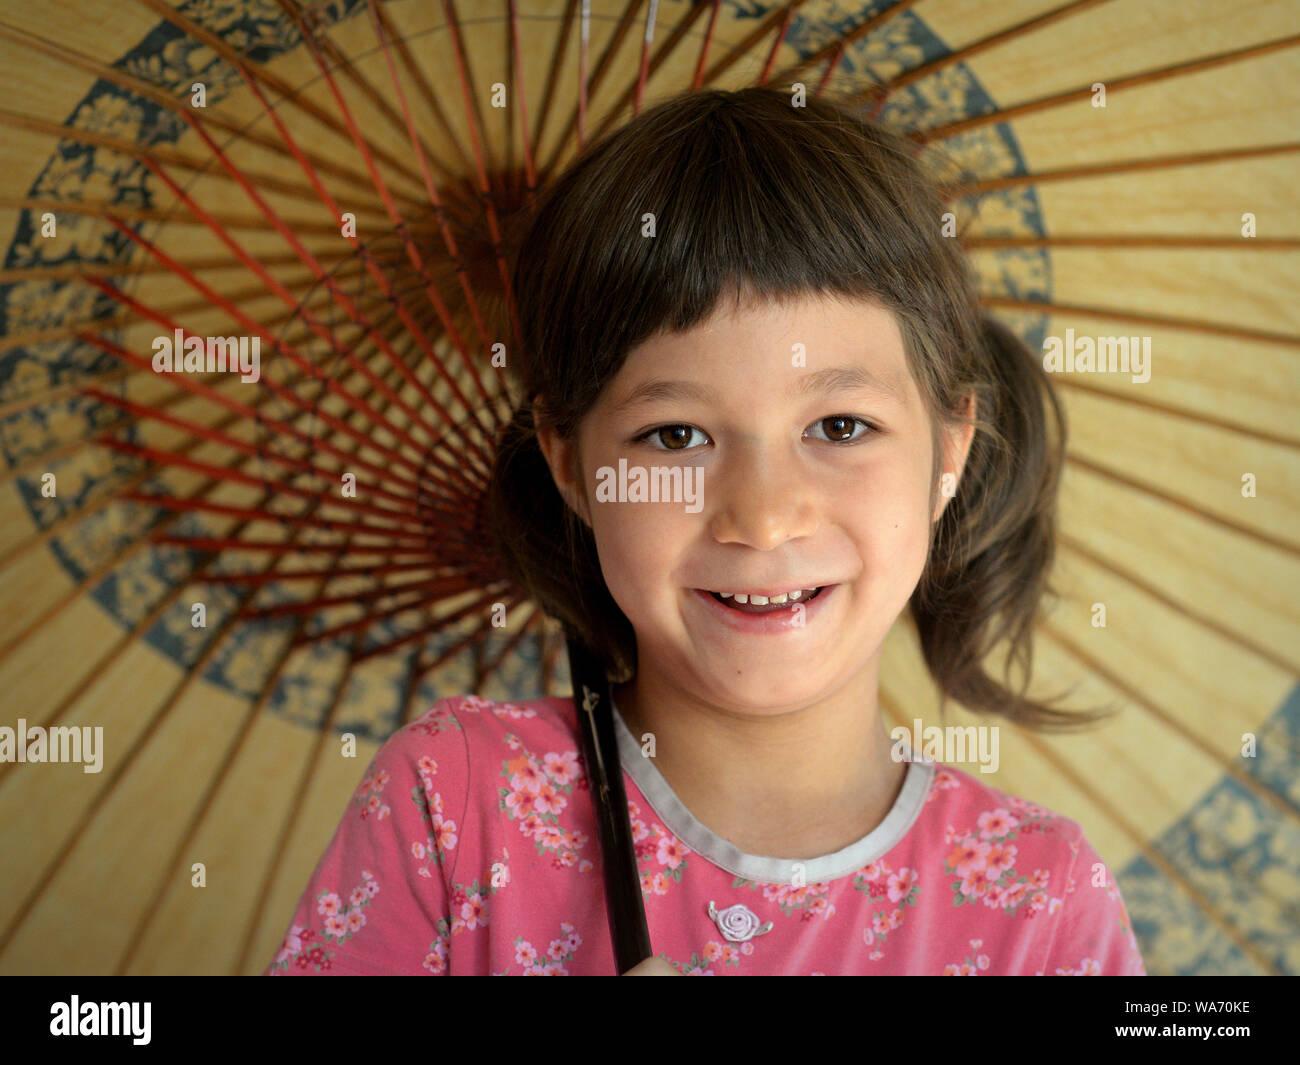 Cute Misch - laufen kleine Mädchen (Kaukasische und Südostasiatischen) Lächeln unter ihrer traditionellen chinesischen Öl- papier Sonnenschirm. Stockfoto